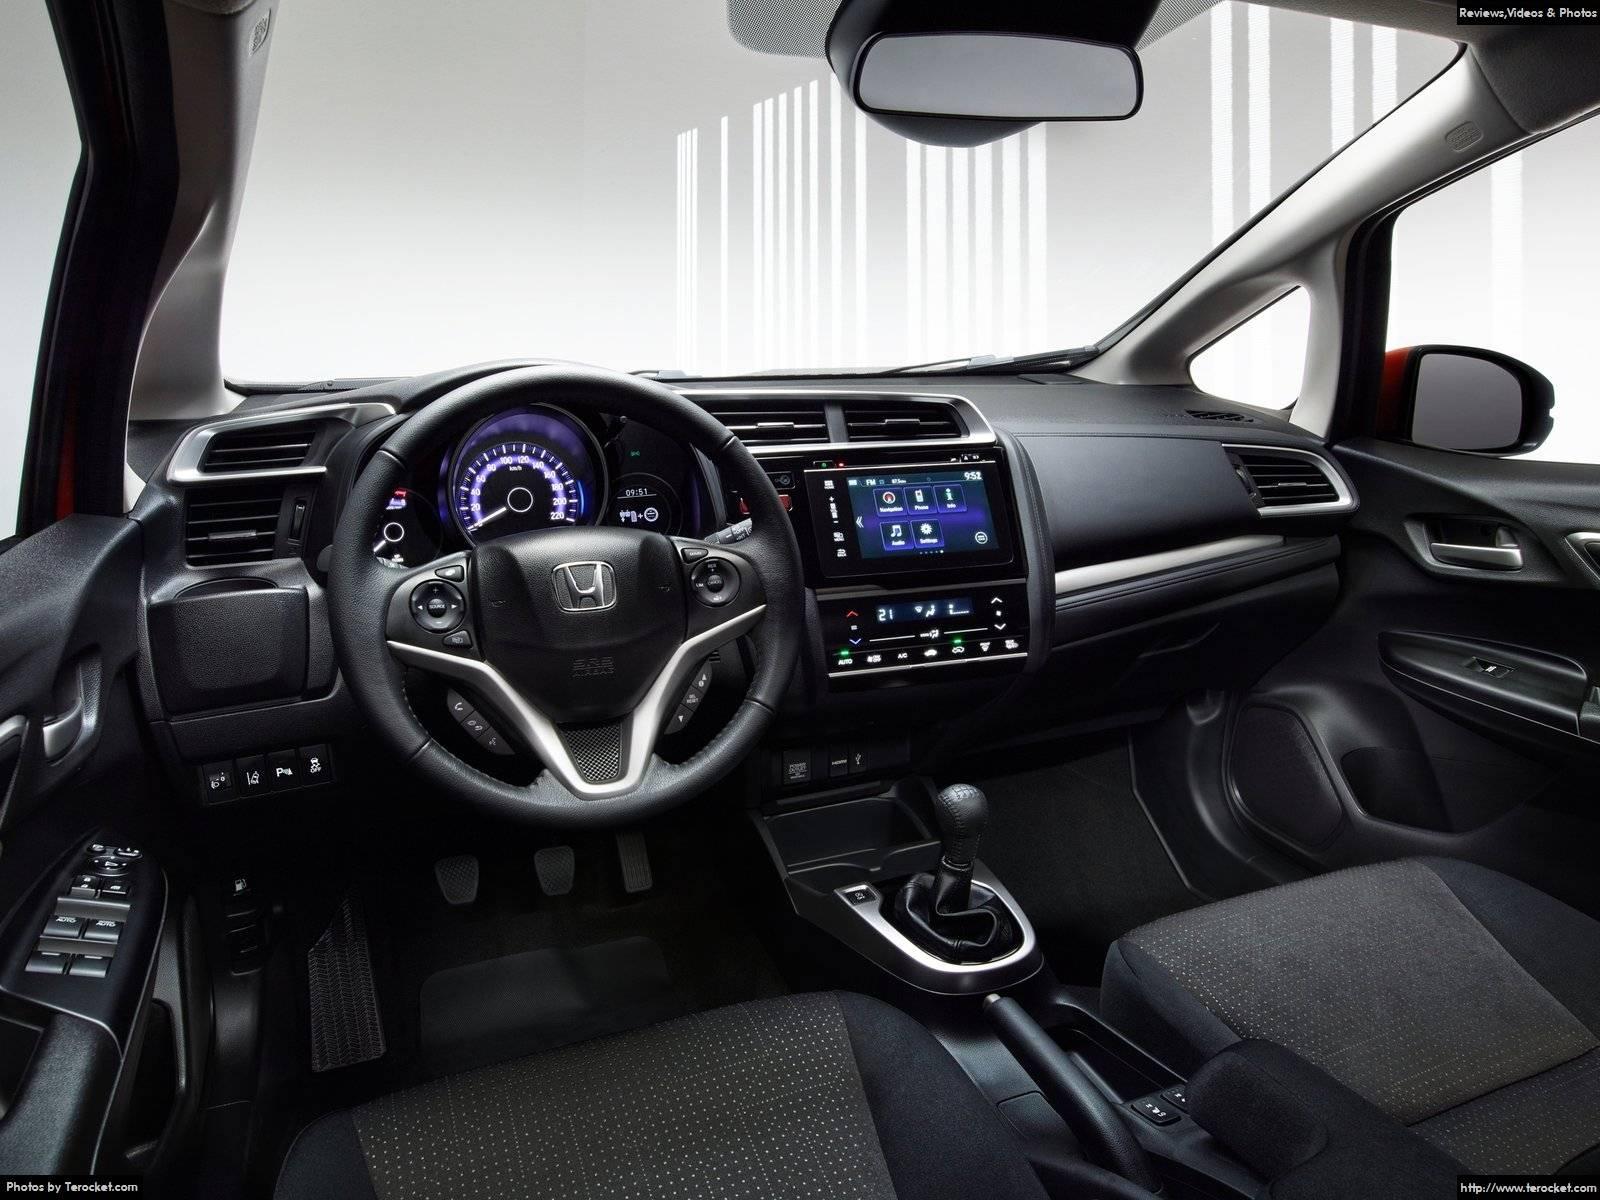 Hình ảnh xe ô tô Honda Jazz 2016 & nội ngoại thất